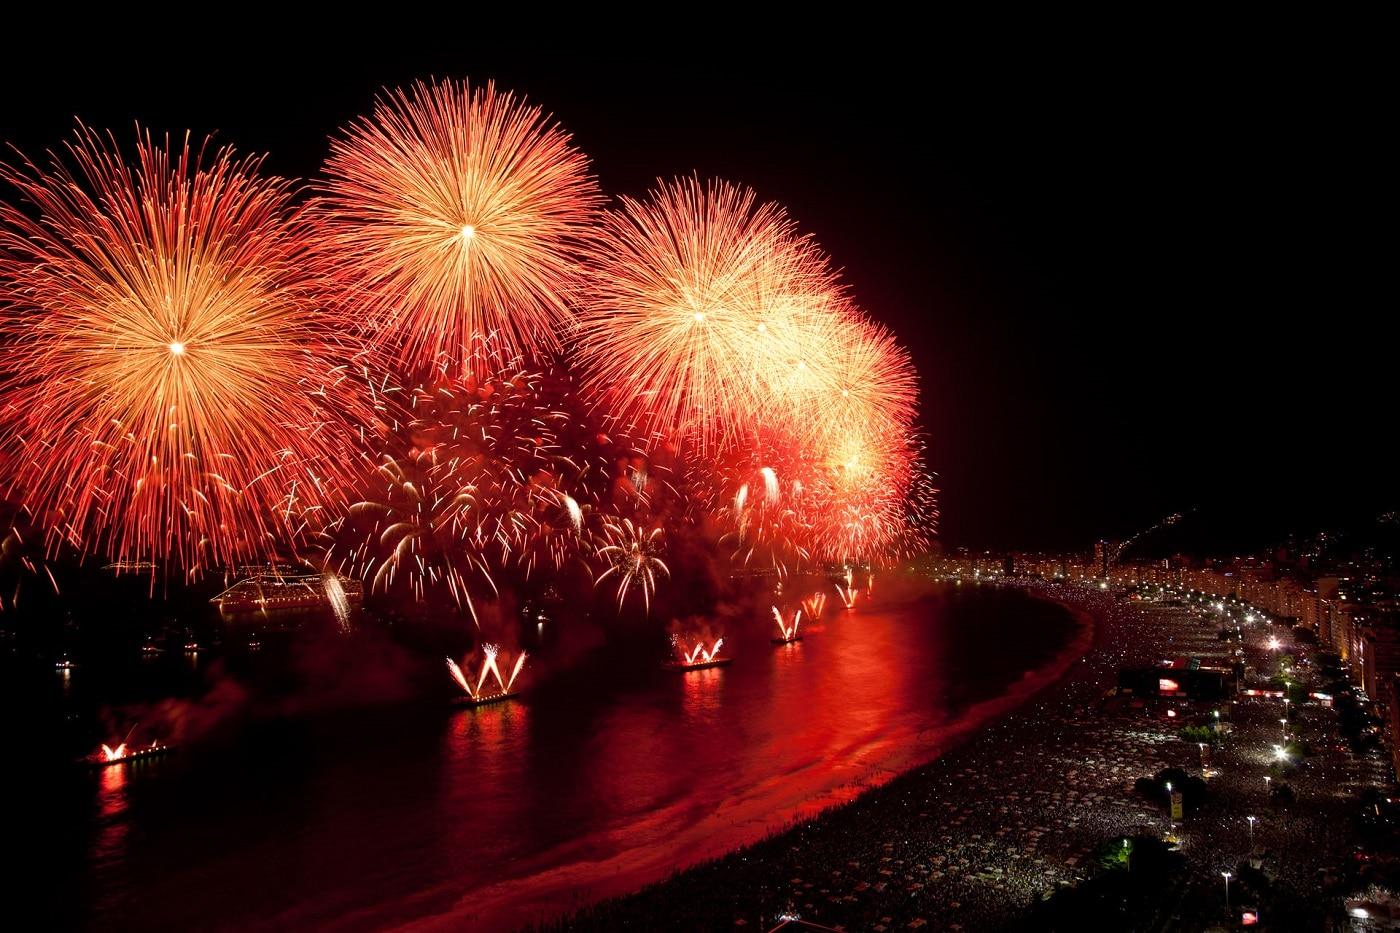 Focul de artificii care marchează trecerea în noul an este un spectacol în sine